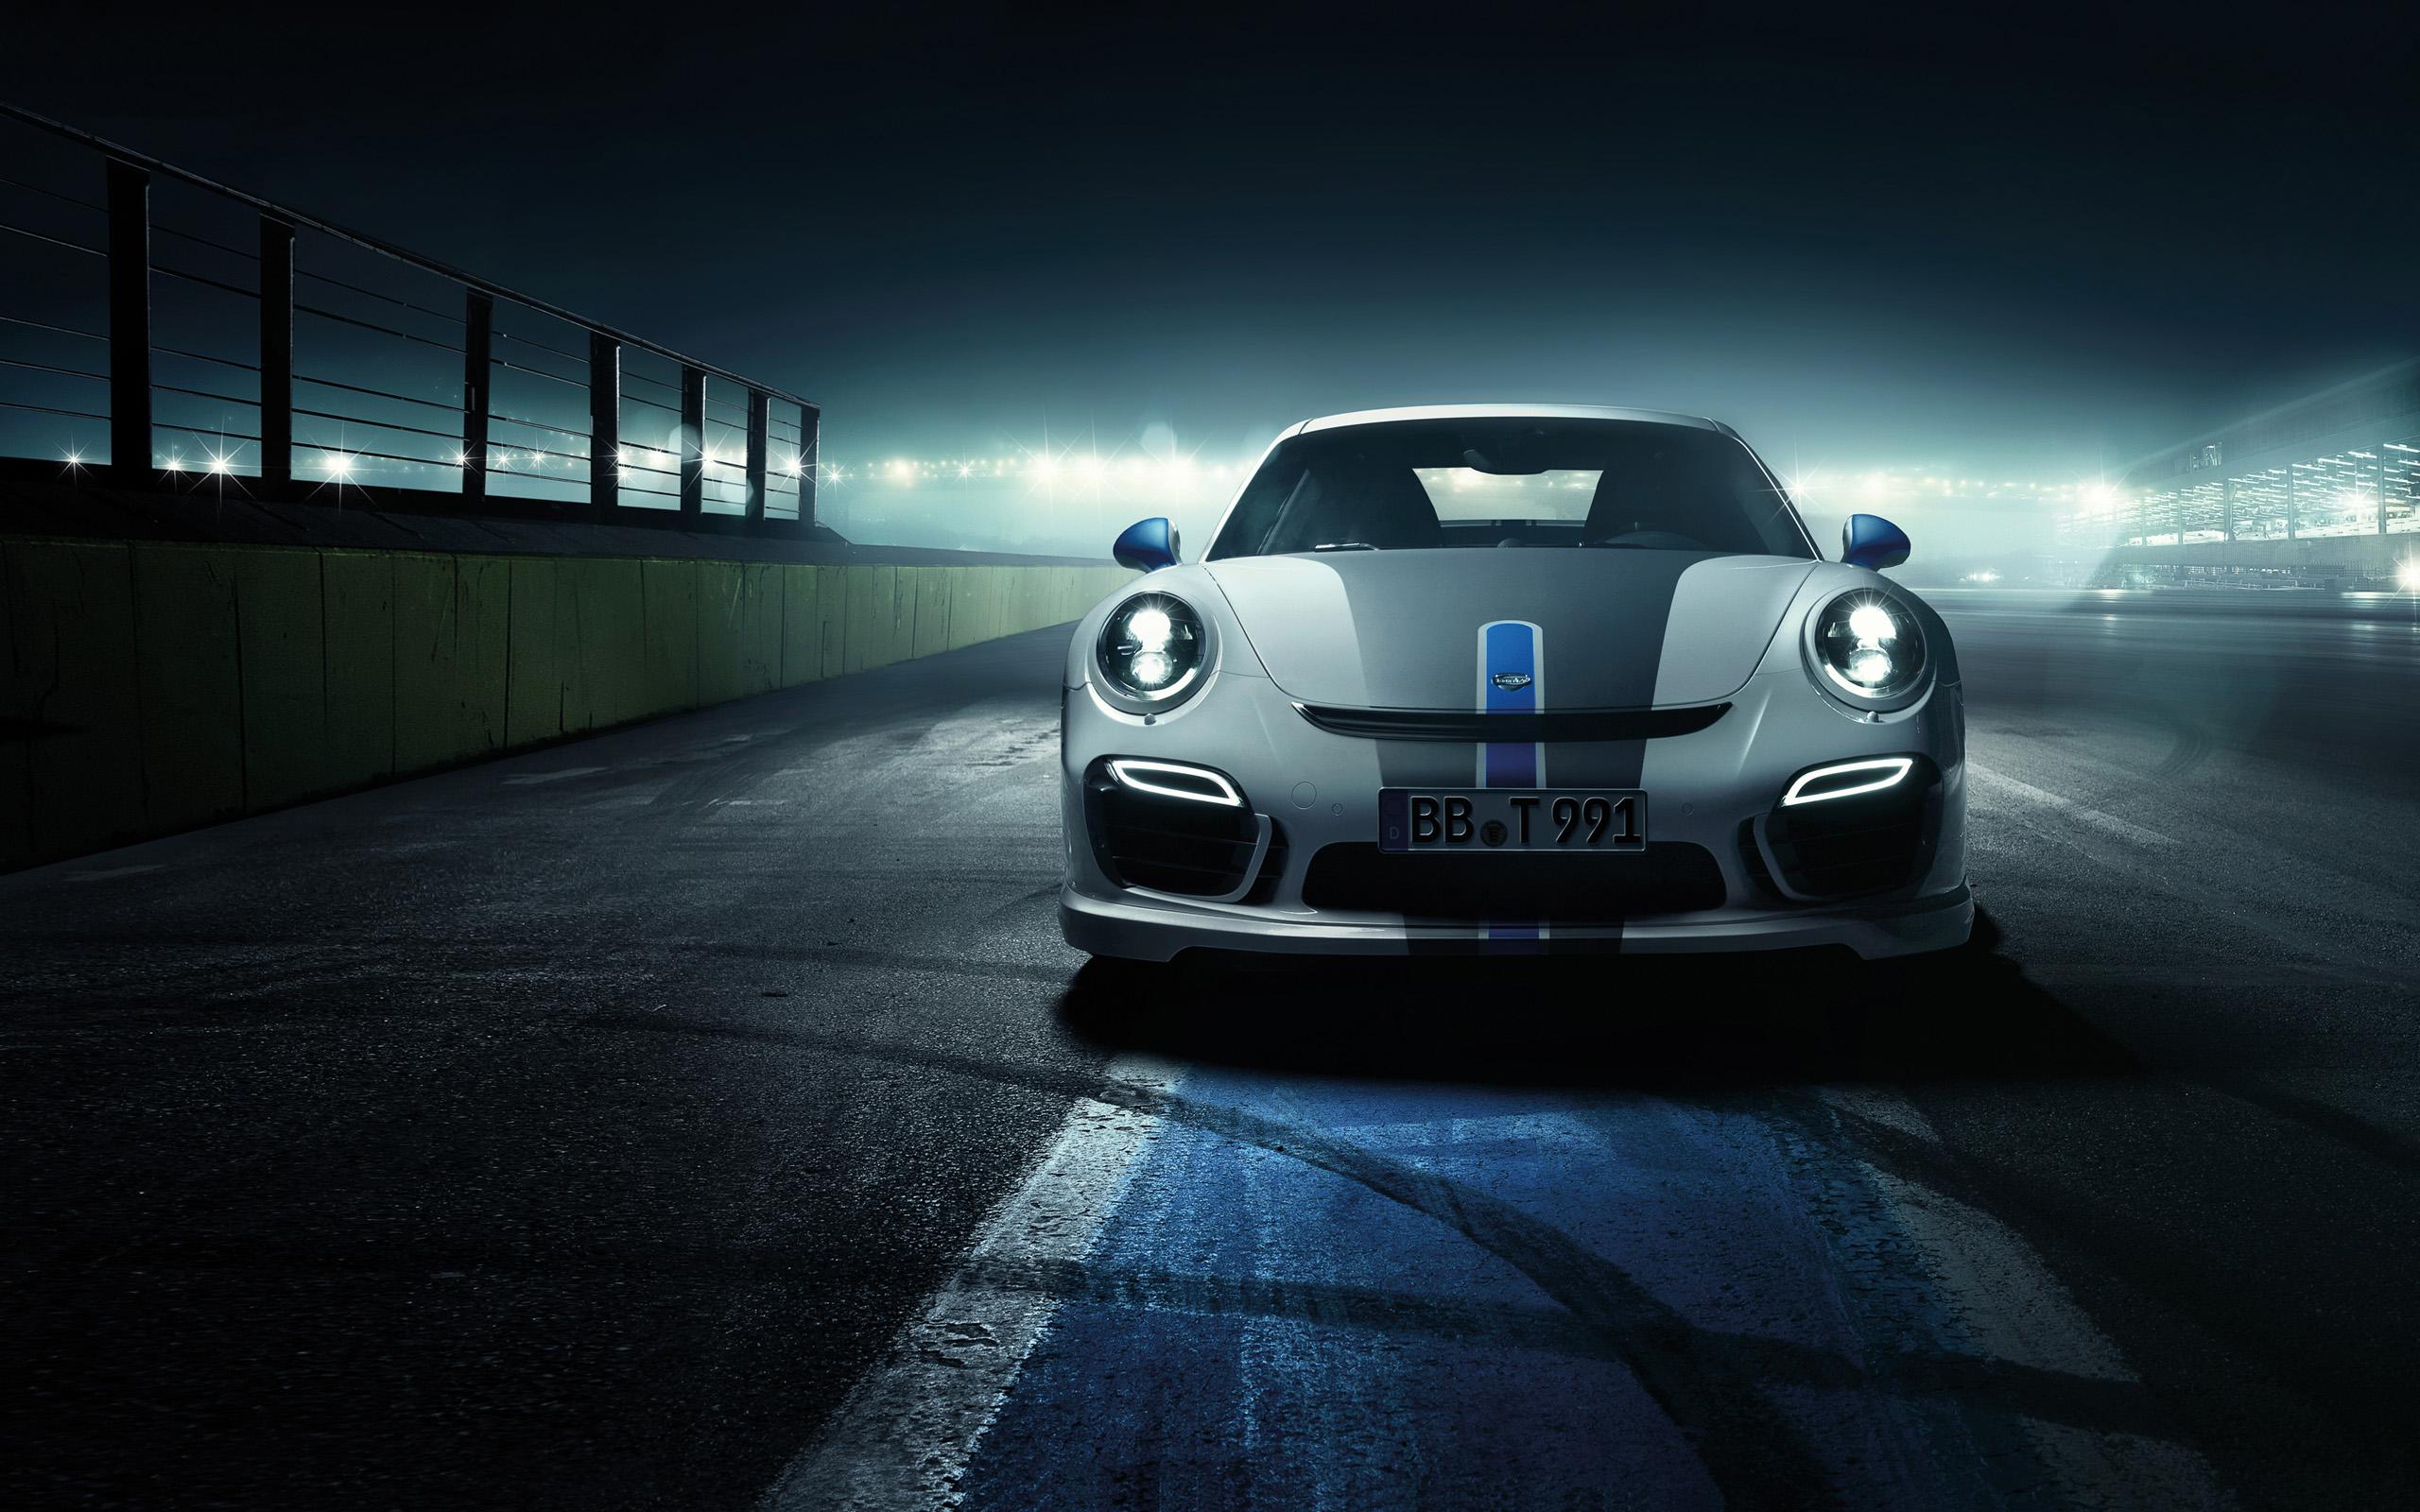 TechArt Porsche 911 Turbo 2014 Wallpaper HD Car Wallpapers 2560x1600